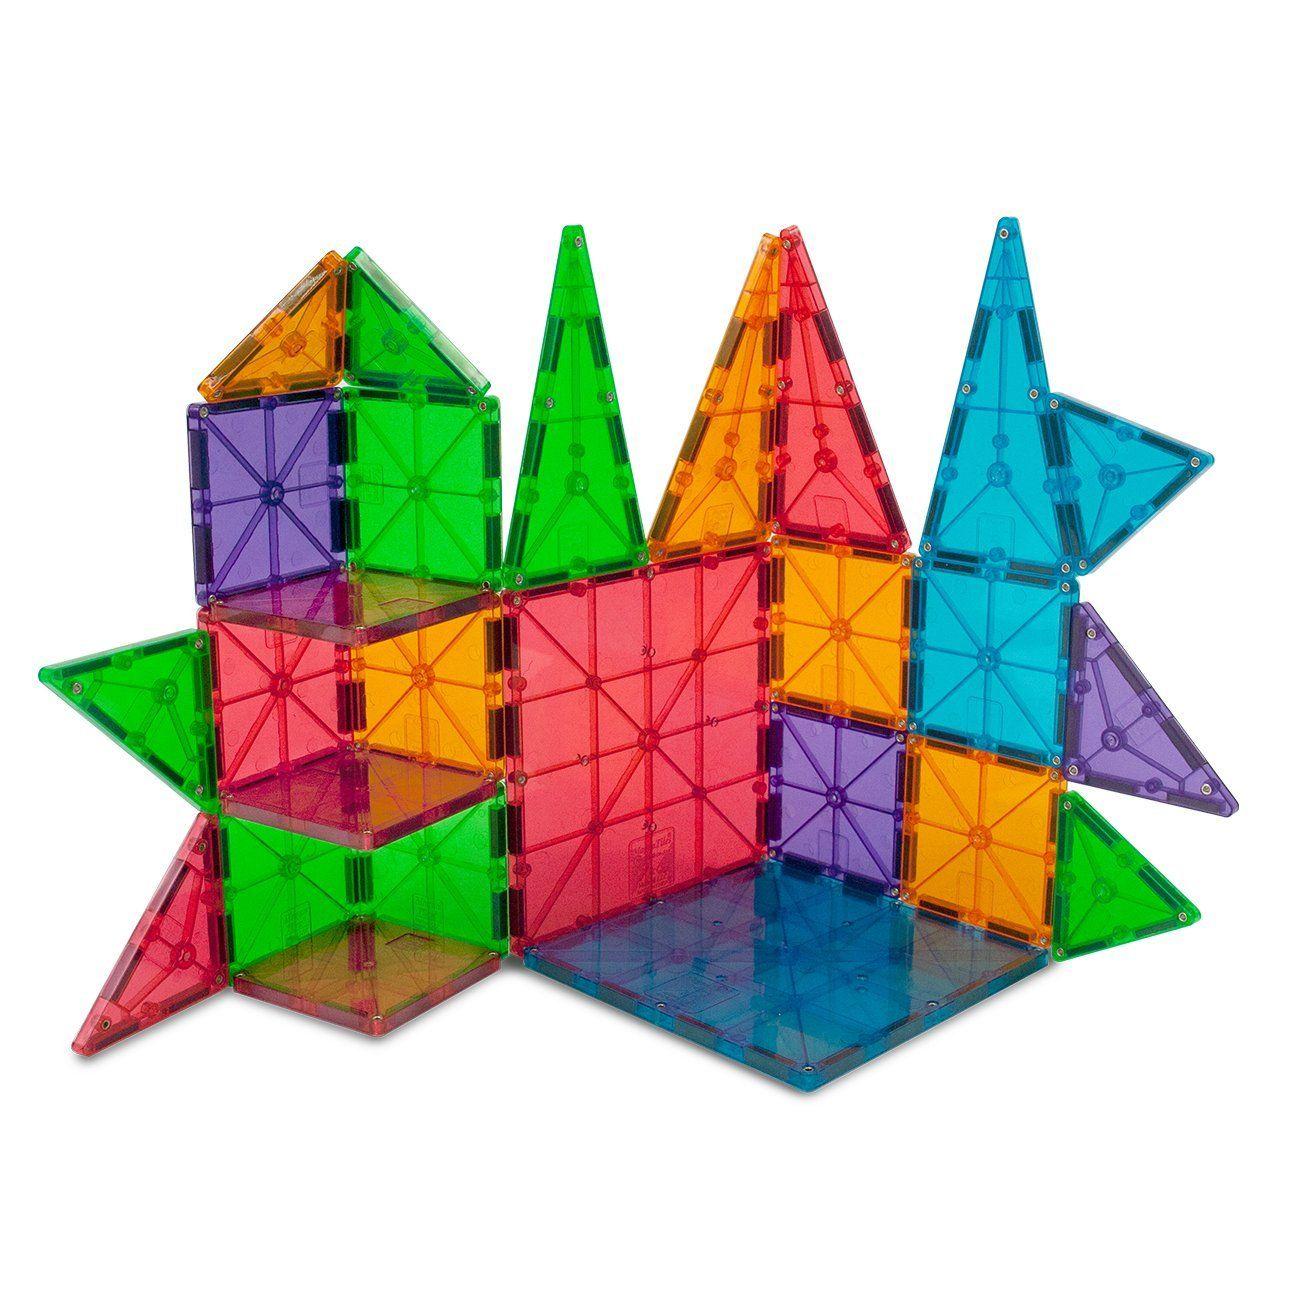 Amazon Com Magna Tiles Clear Colors 100 Piece Set Industrial Scientific Building Toys For Kids Magnetic Tiles Magnetic Building Tiles